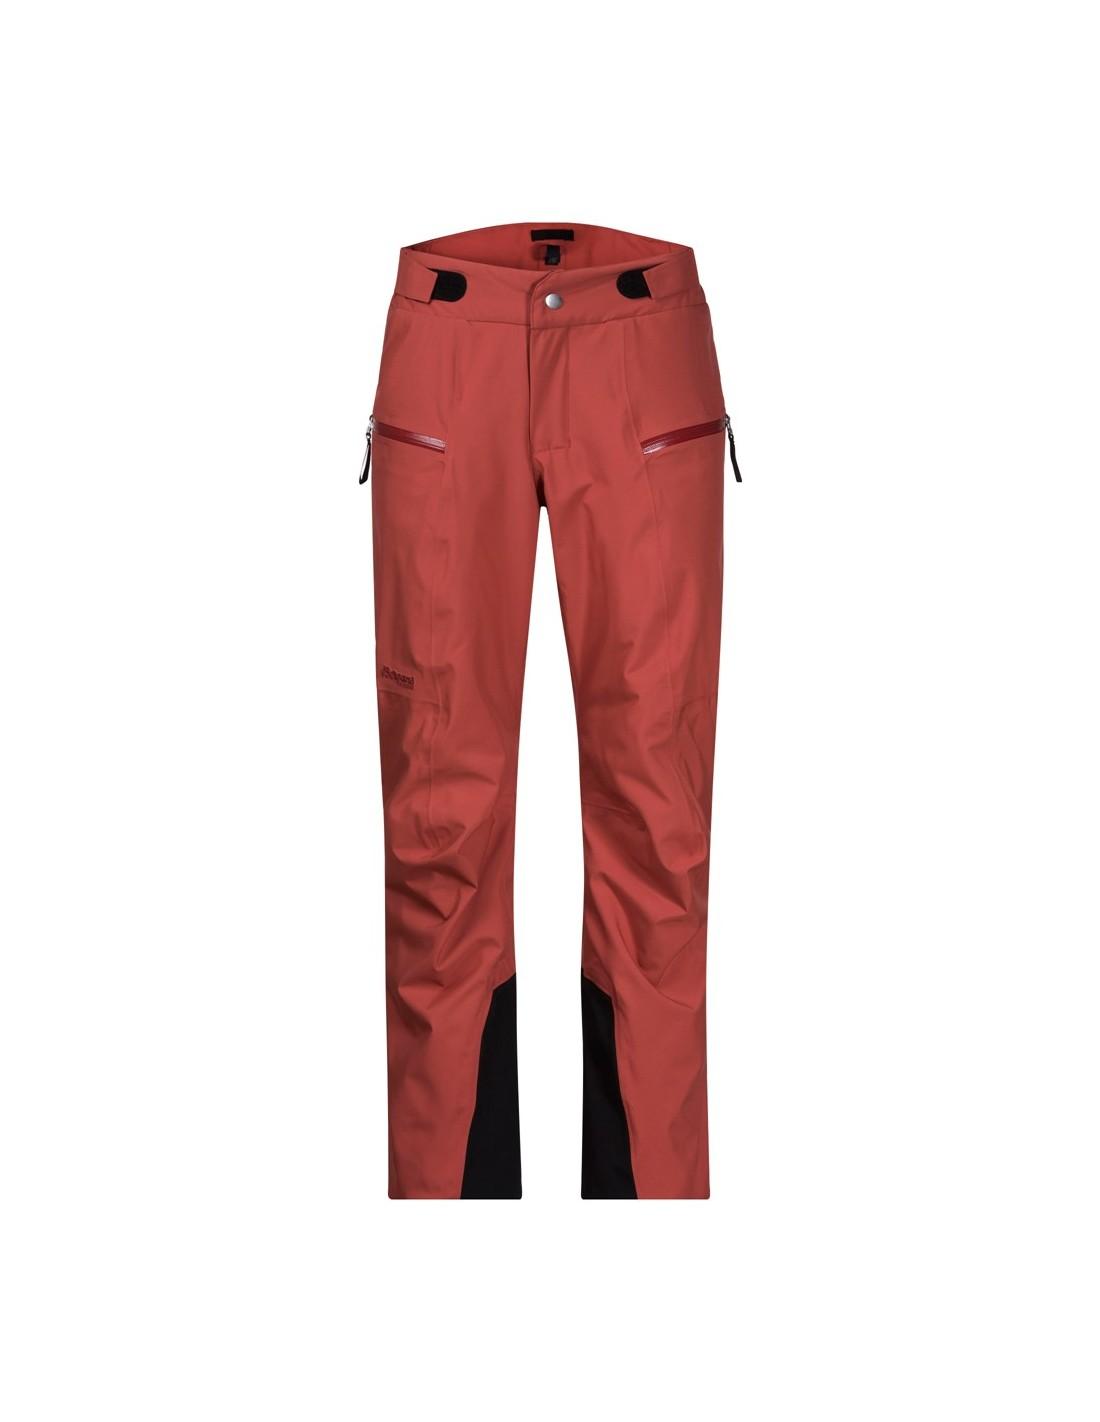 c357e2ea93e ... Ski og Snowboardbukser Damer Bergans Stranda Insulated Pant Dame 8753  ...